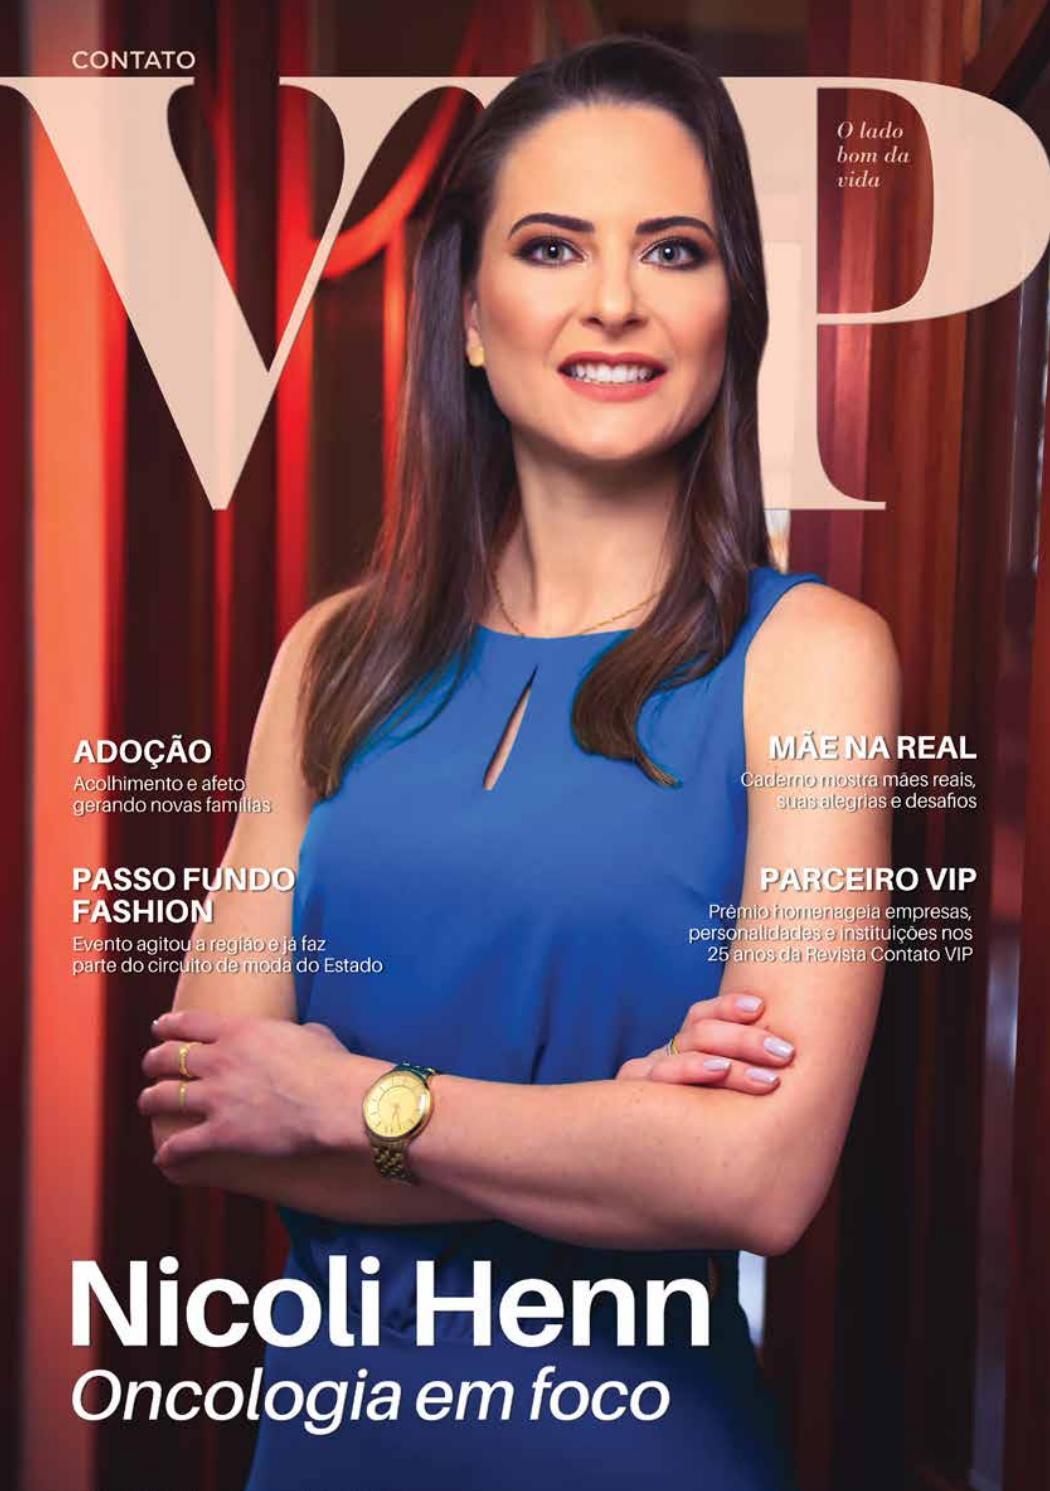 8706c7e719ae Contato VIP - Maio de 2019 - Passo Fundo by ContatoVIP - issuu